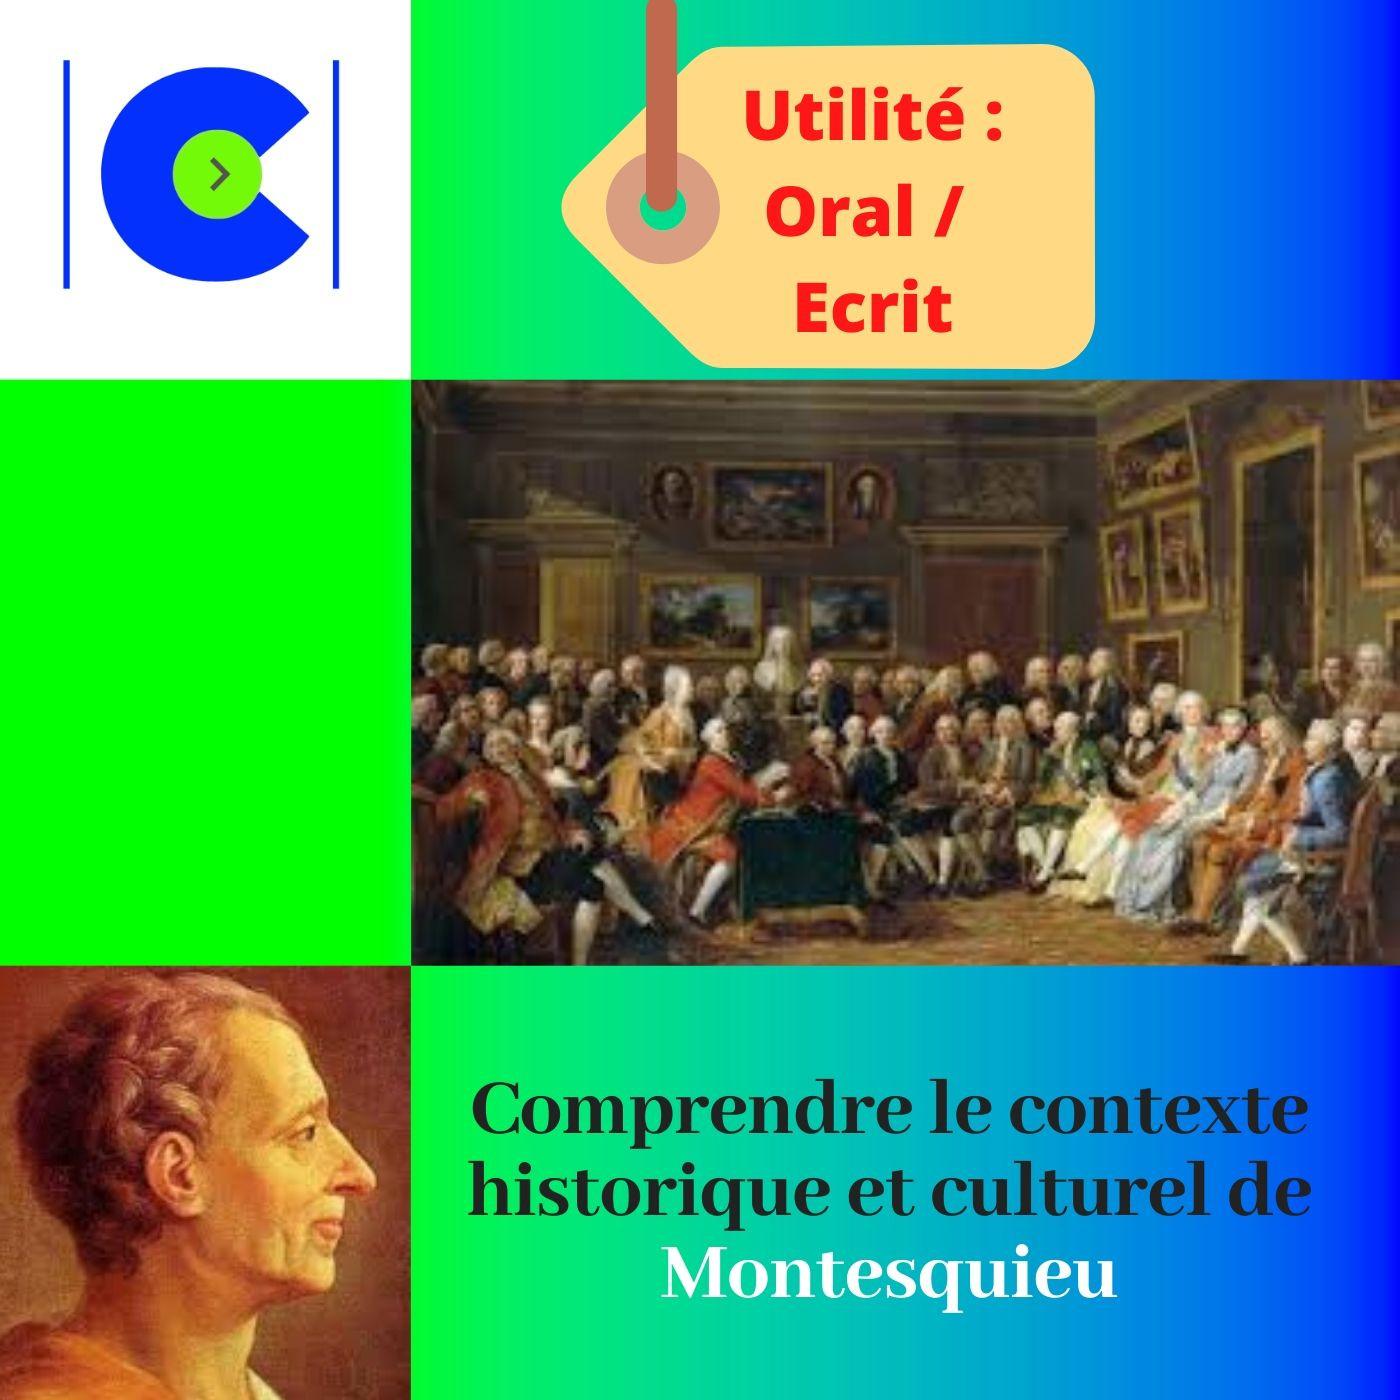 Comprendre le contexte historique et culturel de MONTESQUIEU.